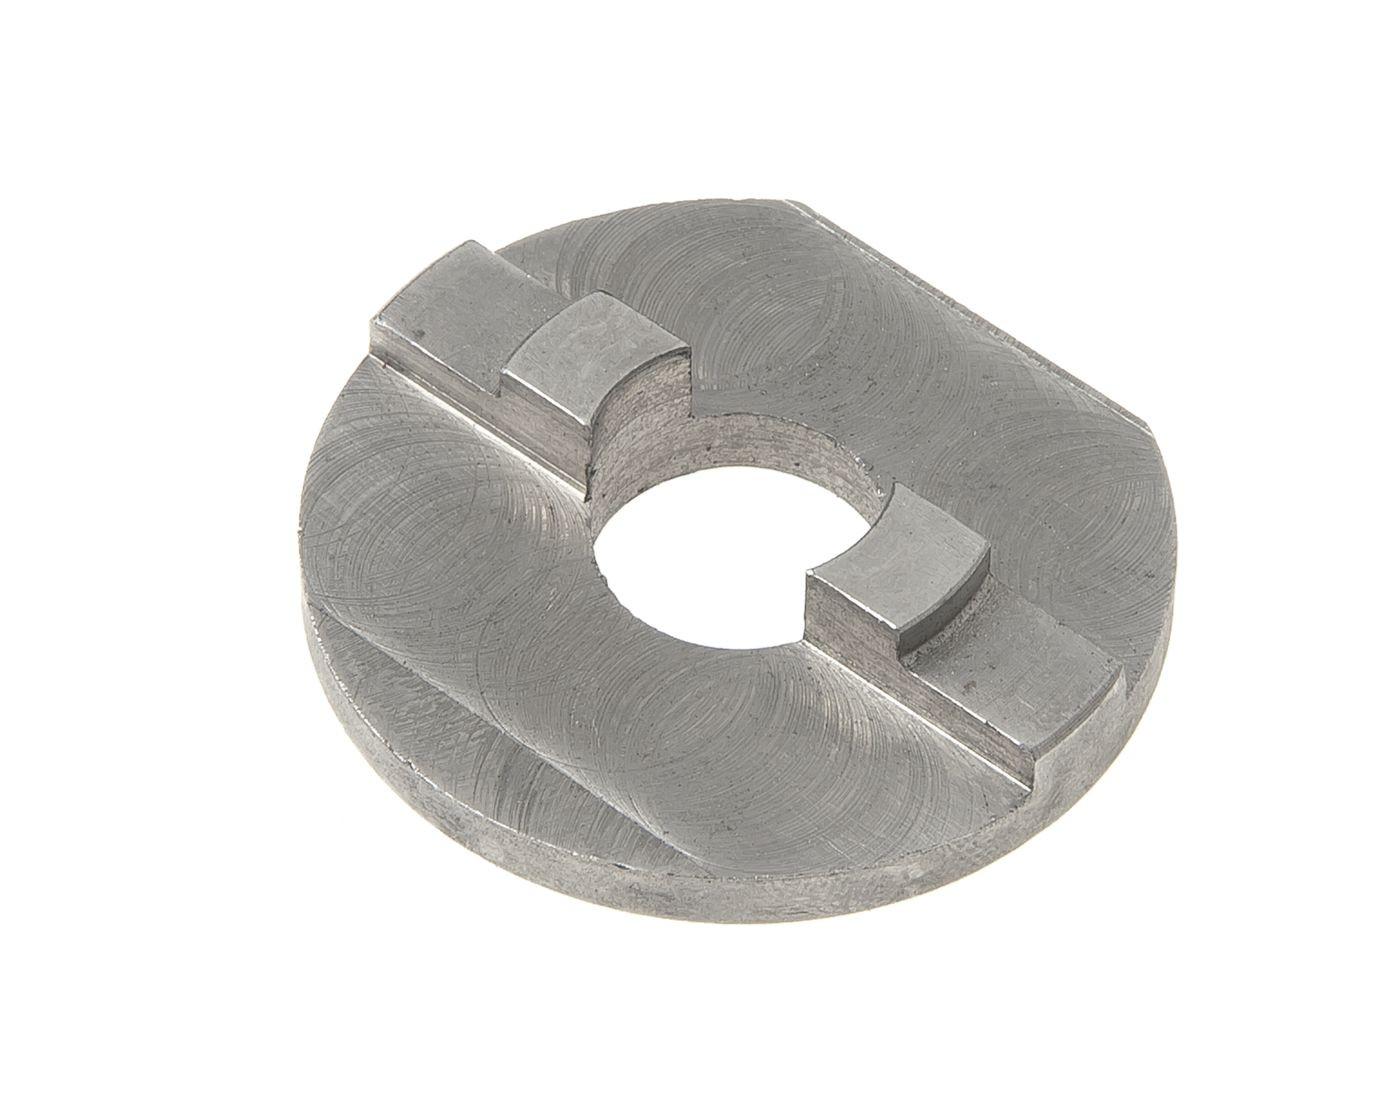 Locking disc